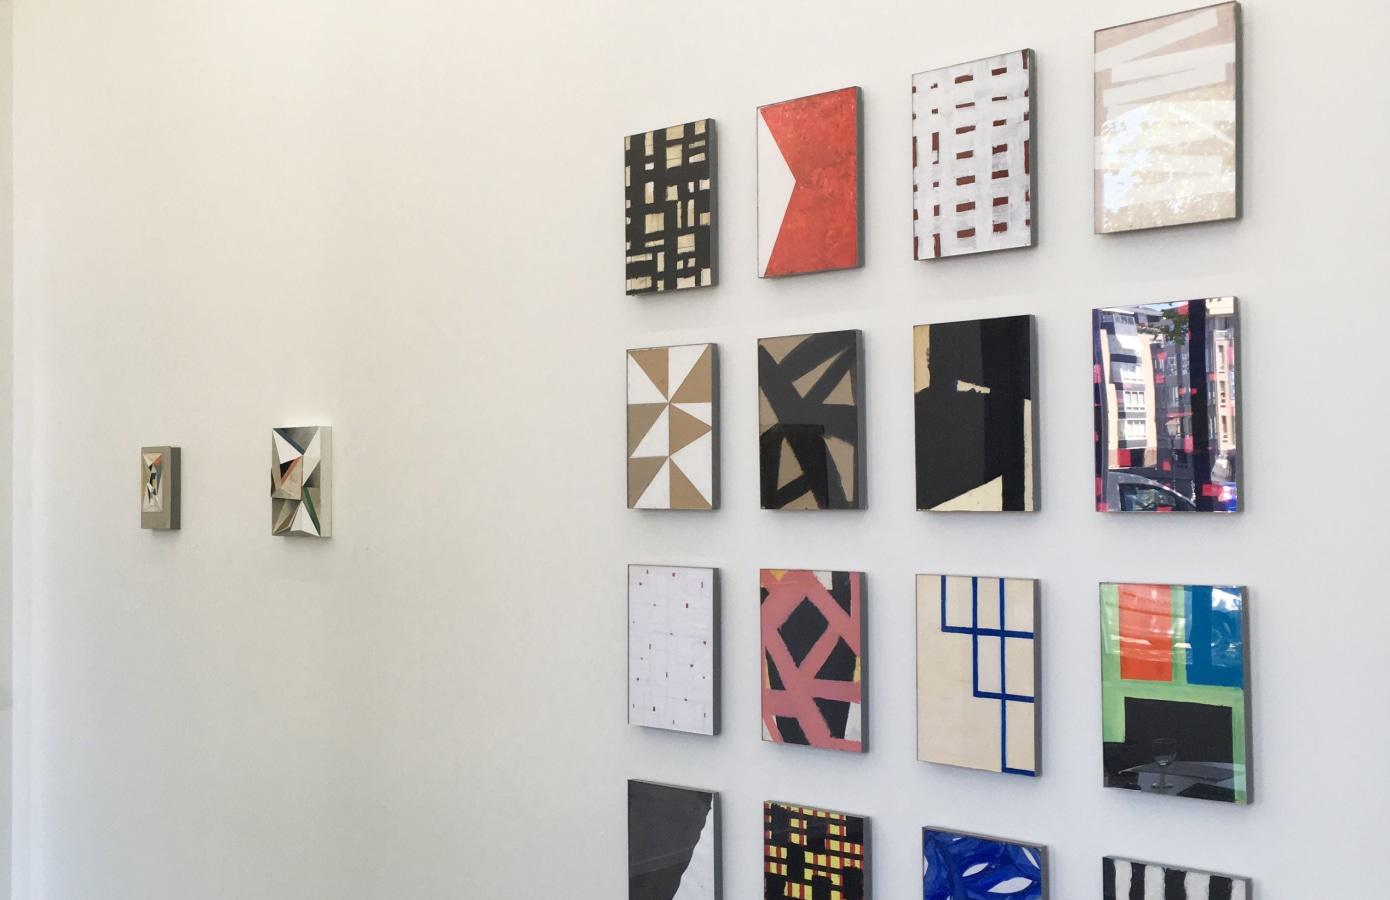 '4+4' Groepstentoonstelling, Cor van Dijk, Ingrid van der Hoeven, Jus Juchtmans, Dave Meijer, P.B. Van Rossem,